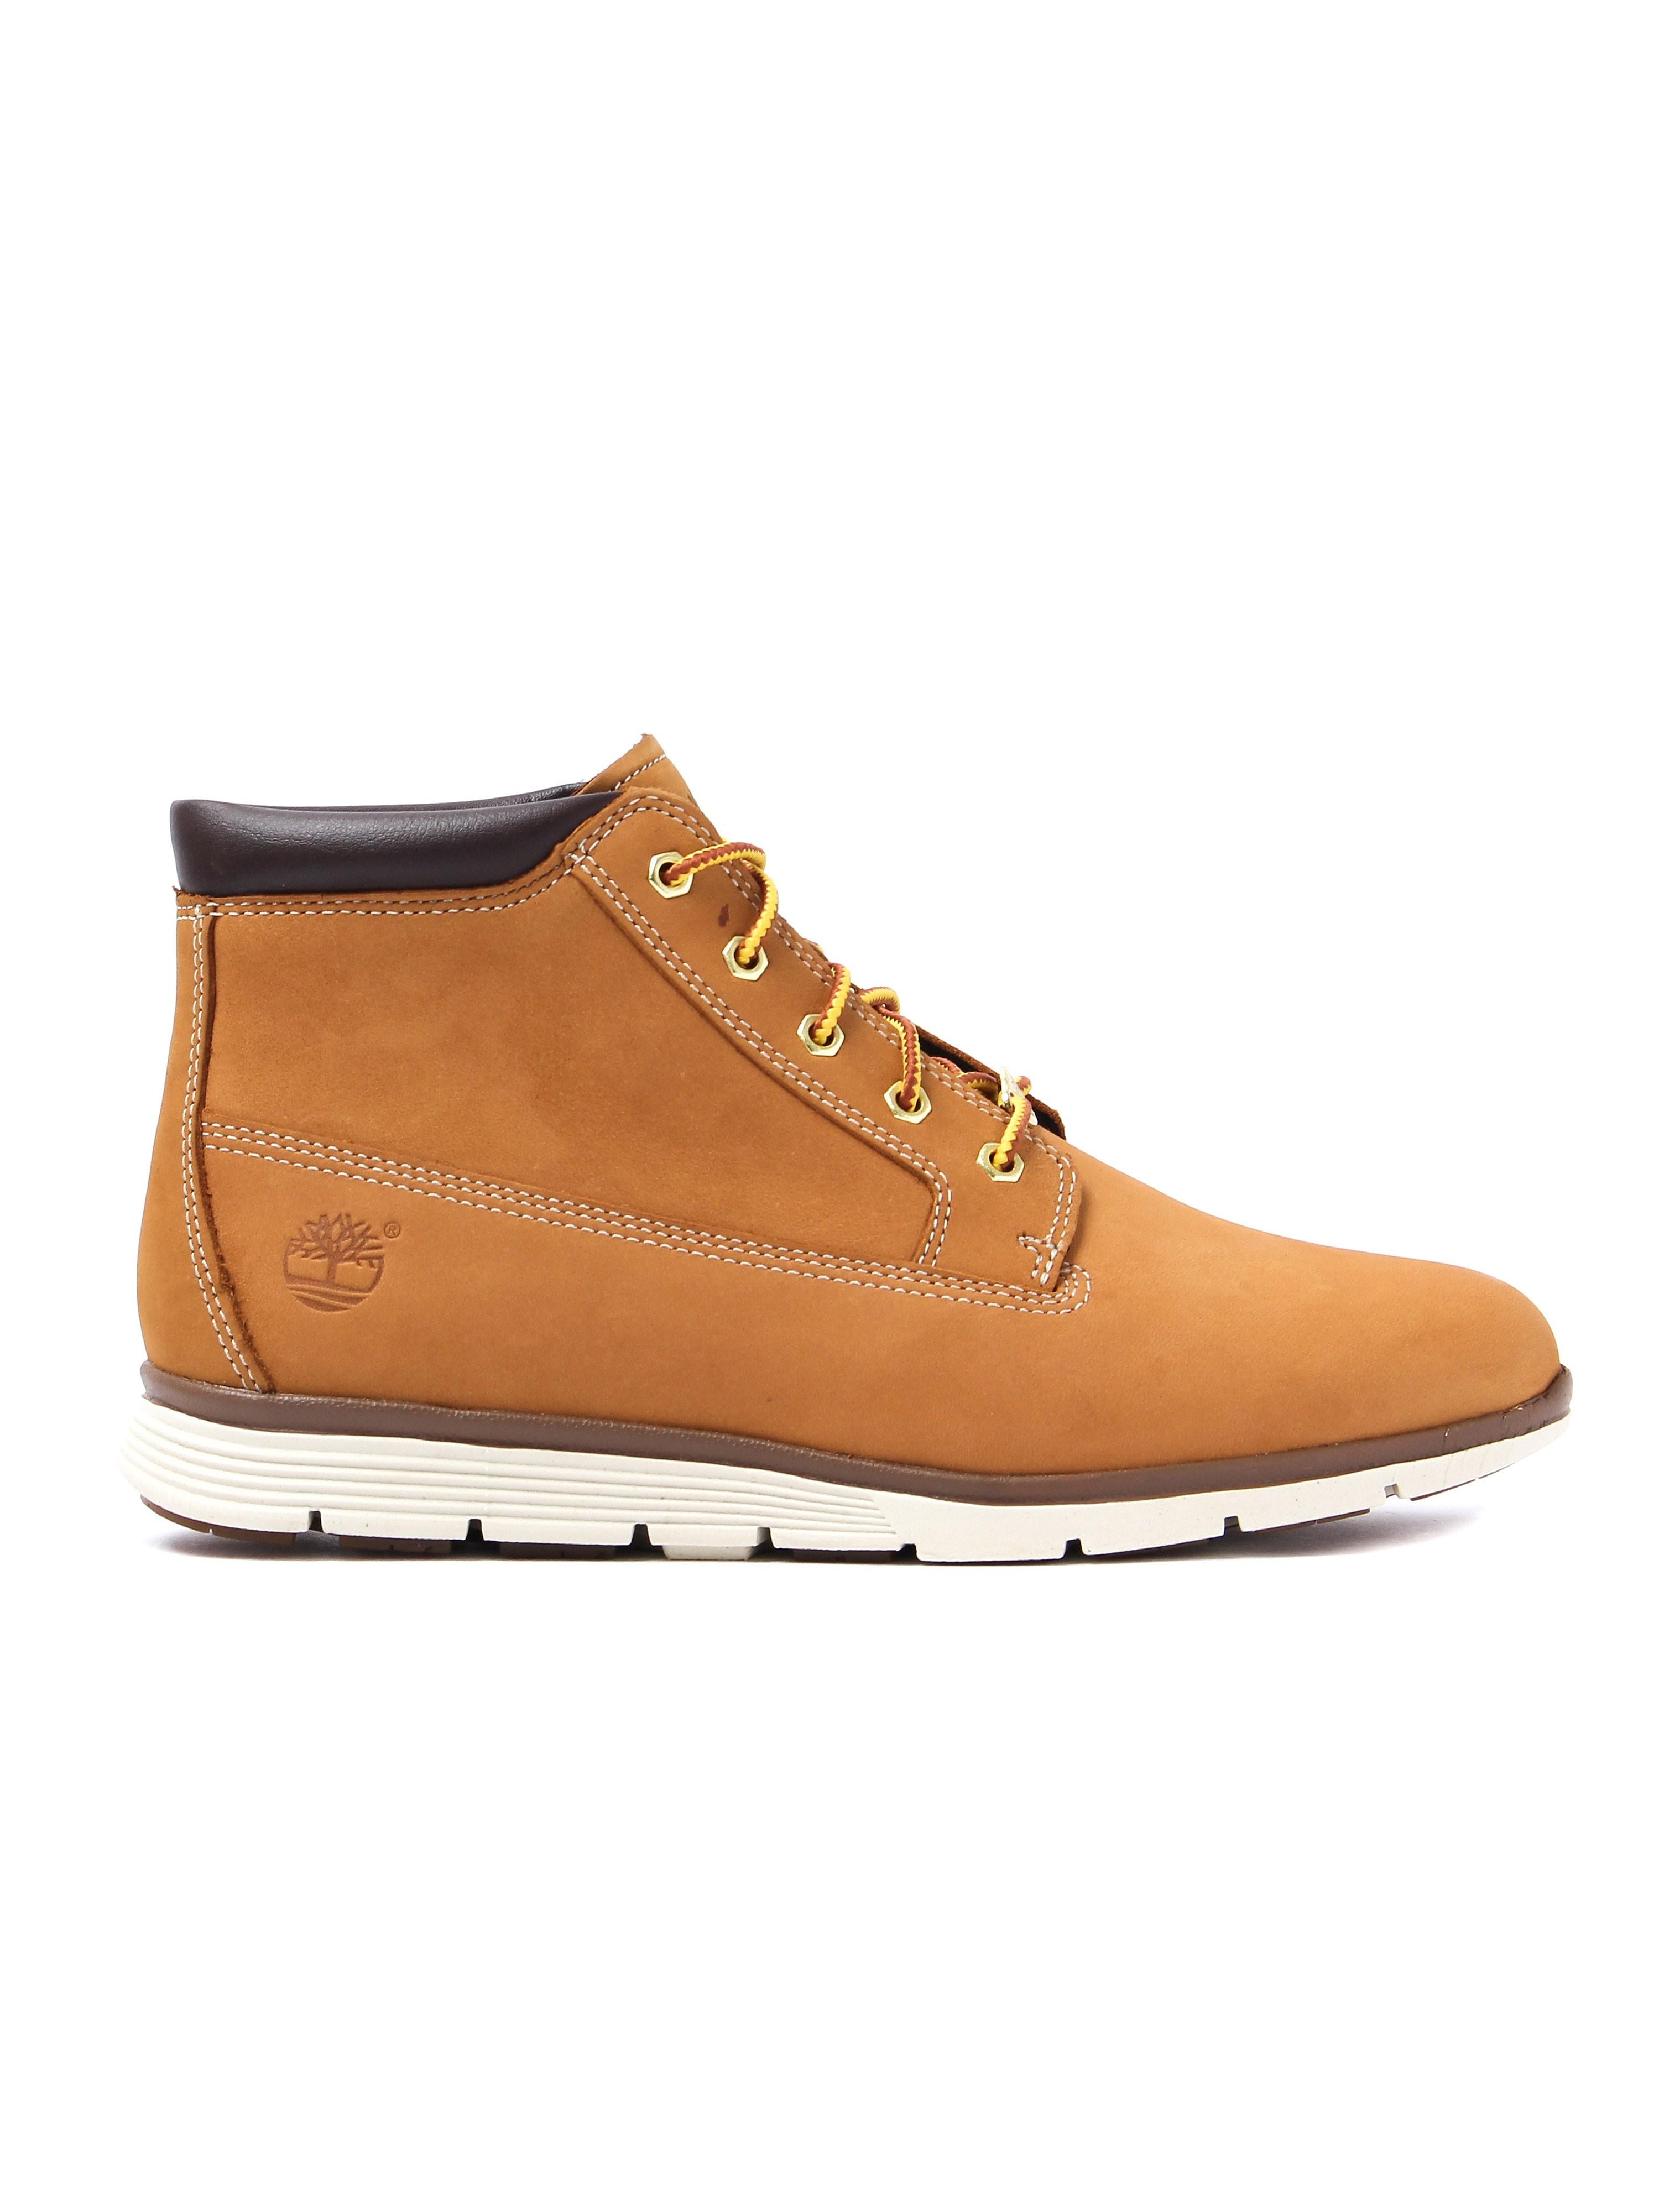 Timberland Women's Killington Chukka Boots - Wheat Nubuck